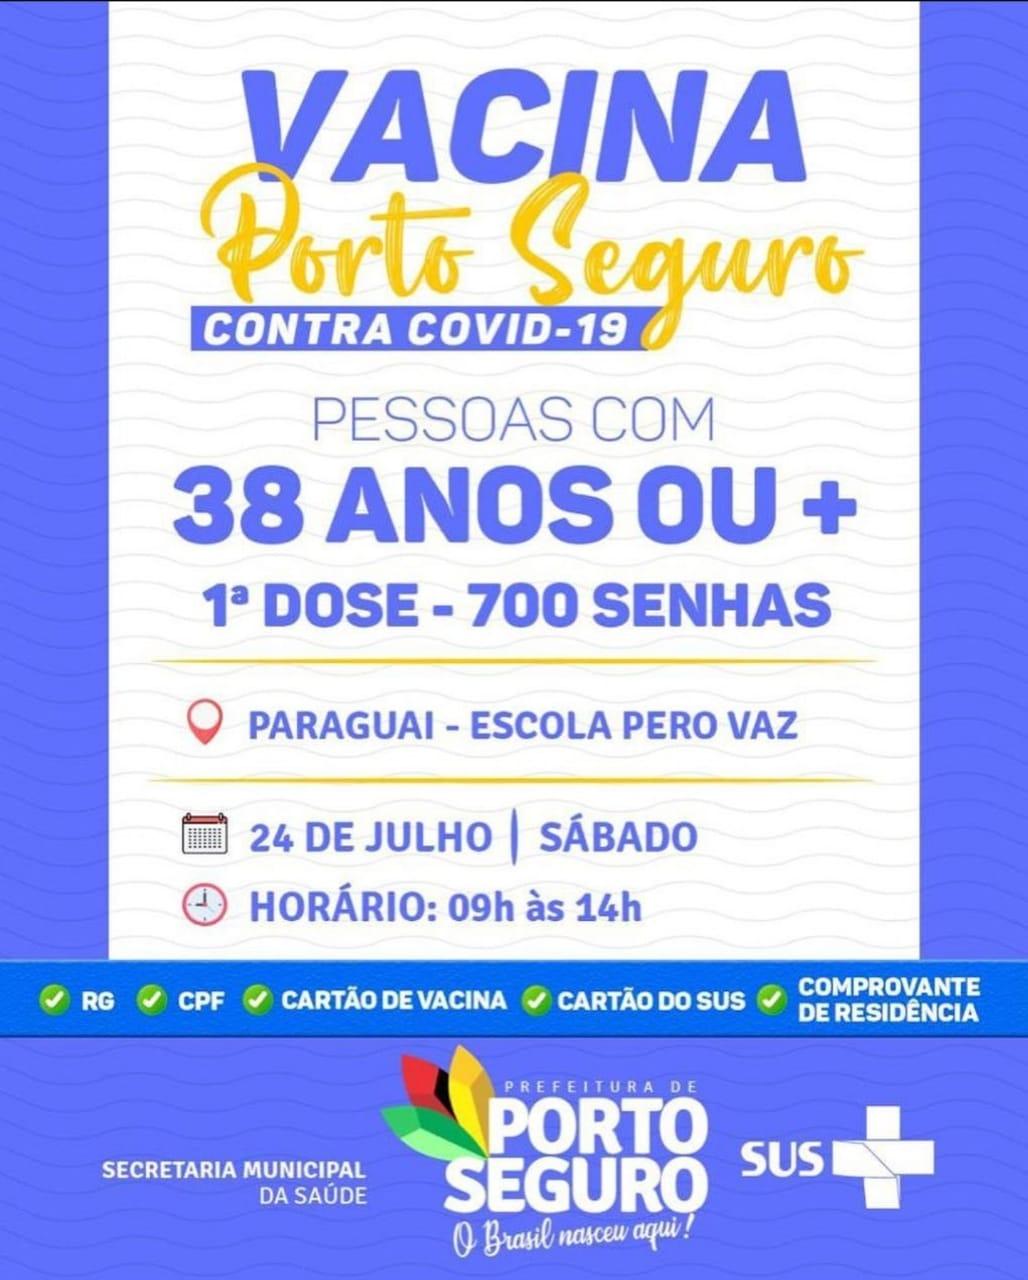 Vacina Porto Seguro contra Covid-19; cronograma de vacinação de 23 a 24 de julho 30